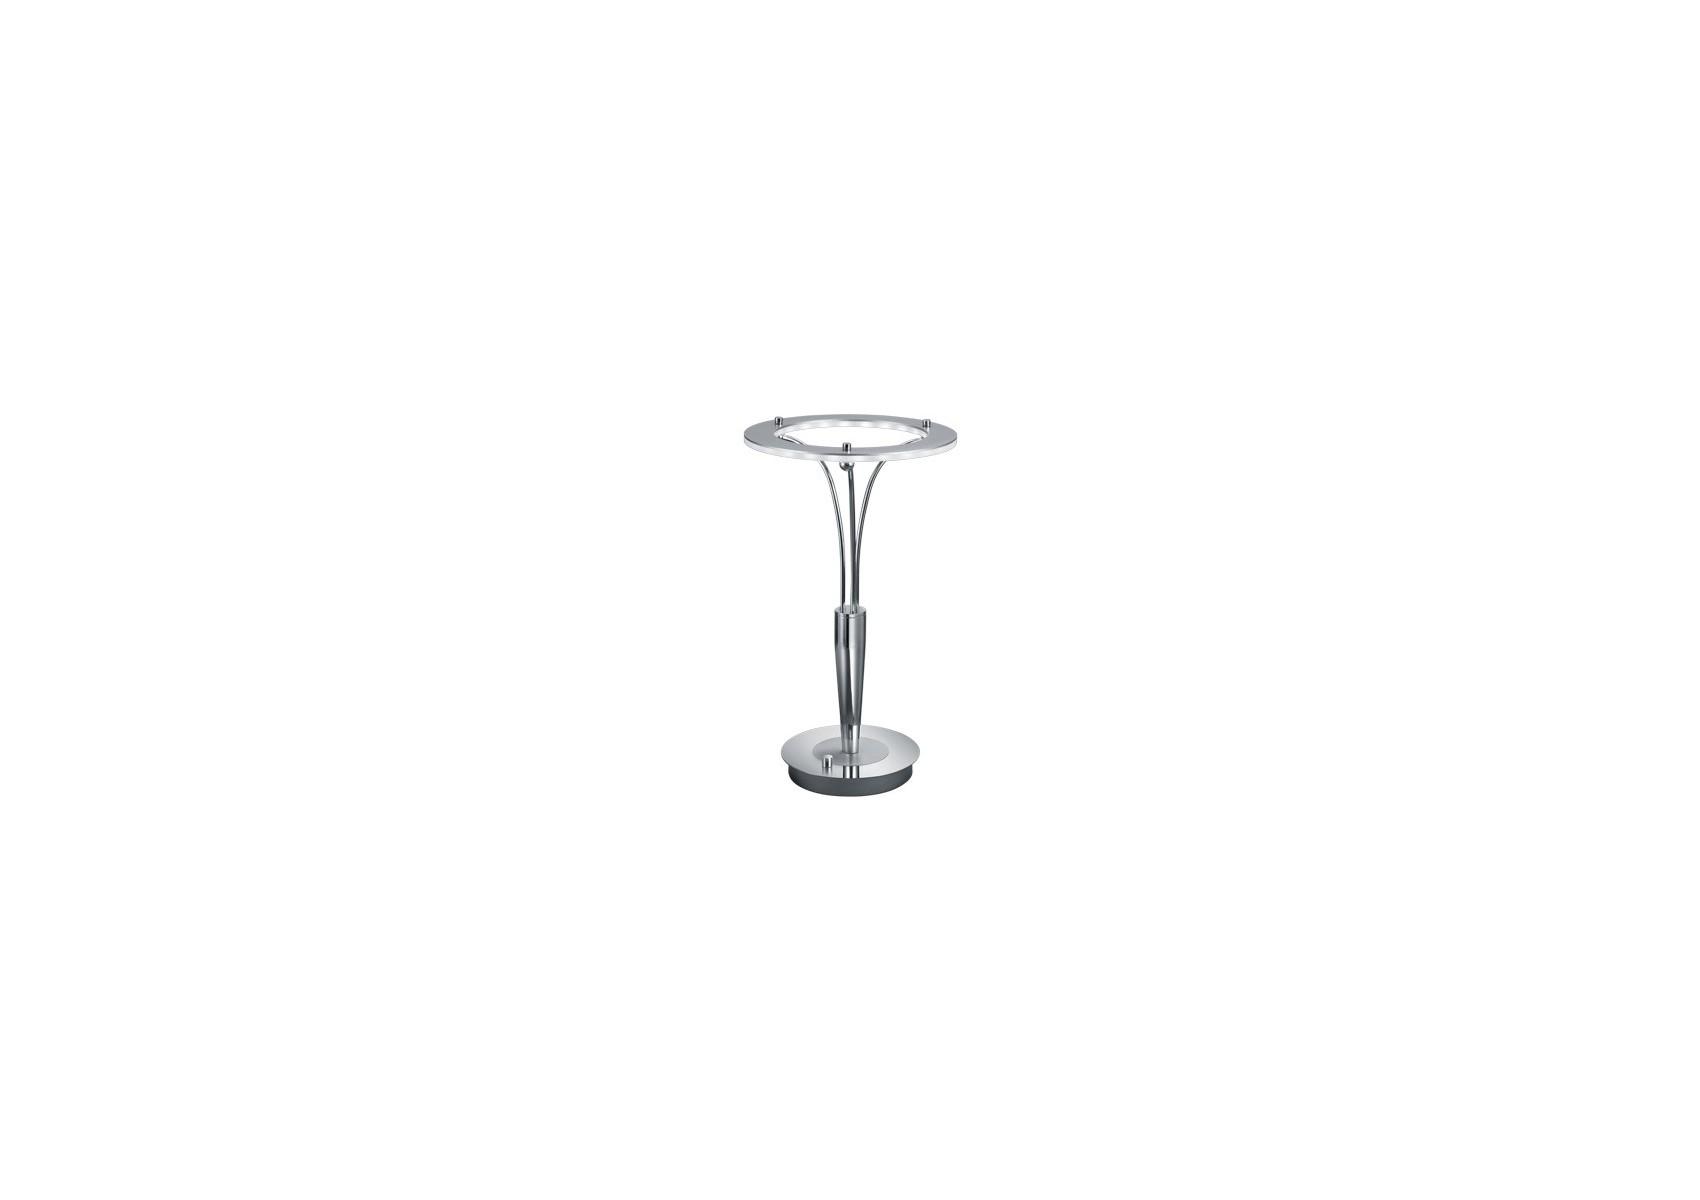 Grande lampe poser design toronto boite design - Lampe a poser grande taille ...